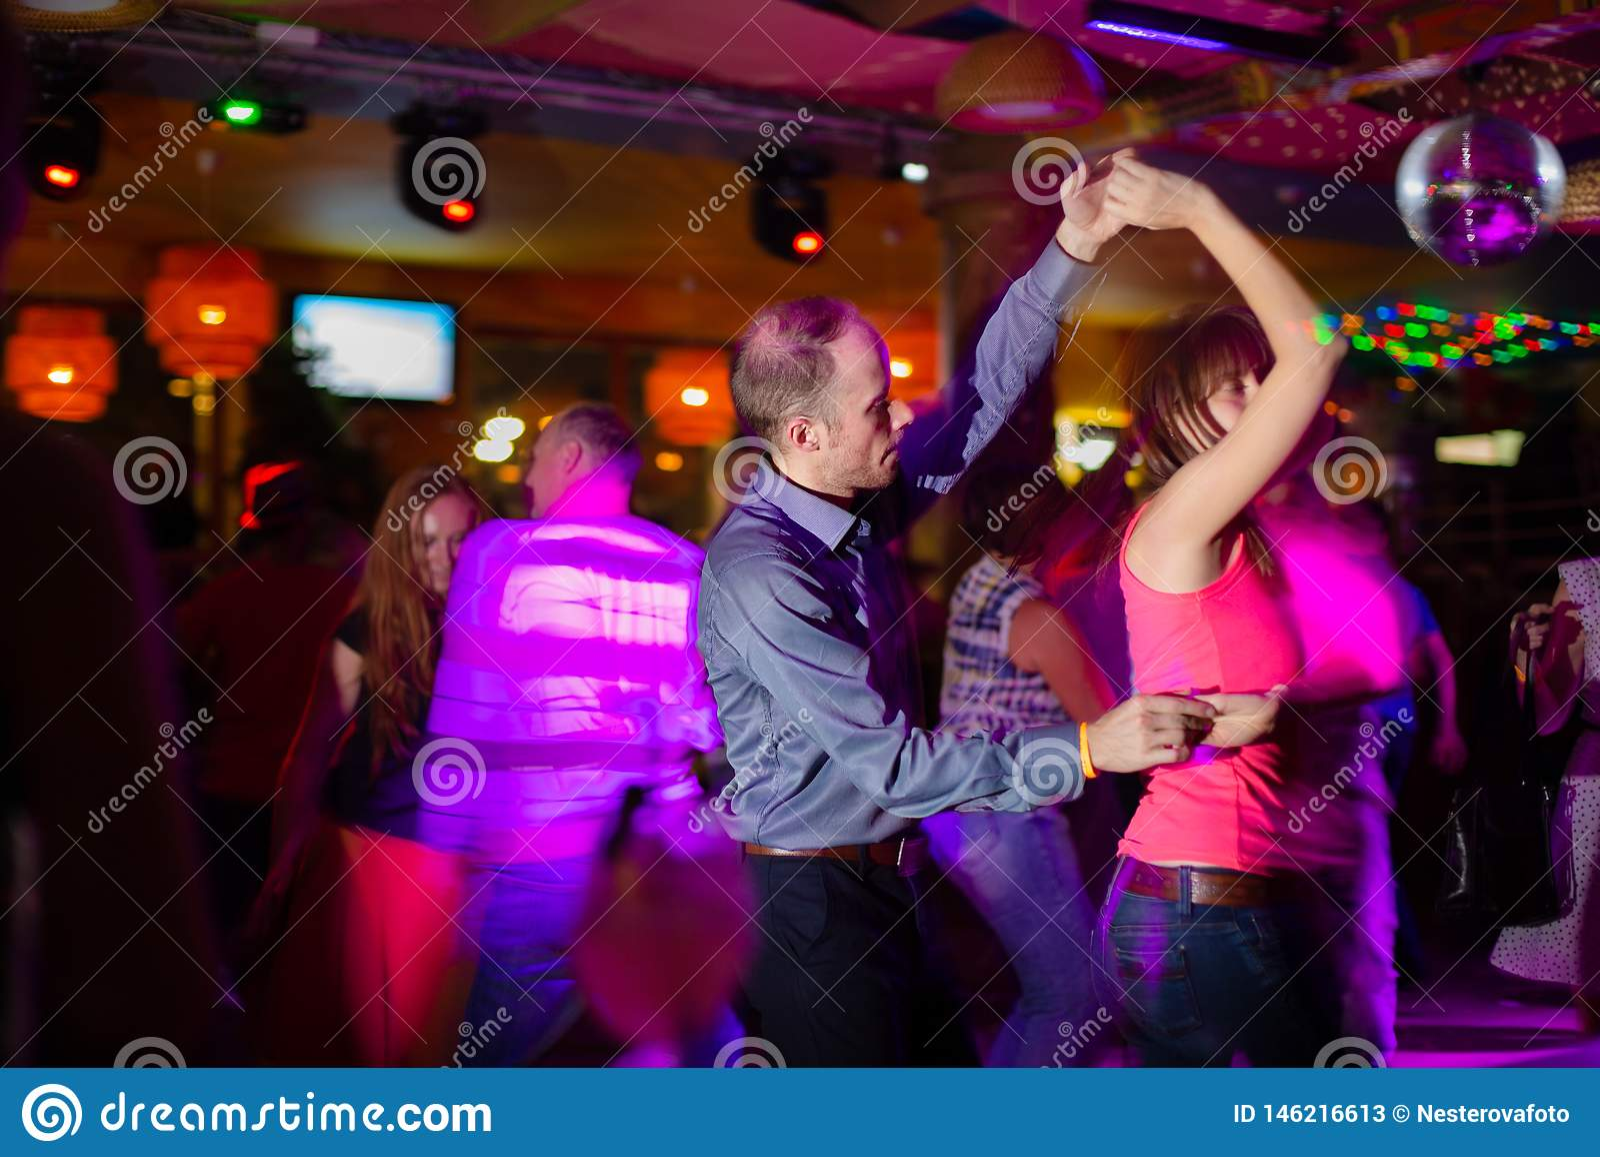 ΜΟΣΧΑ, ΡΩΣΙΚΉ ΟΜΟΣΠΟΝΔΊΑ - 13 ΟΚΤΩΒΡΊΟΥ 2018: Ένα μέσης ηλικίας ζεύγος, ένας άνδρας και μια γυναίκα, salsa χορού μεταξύ ενός πλήθ